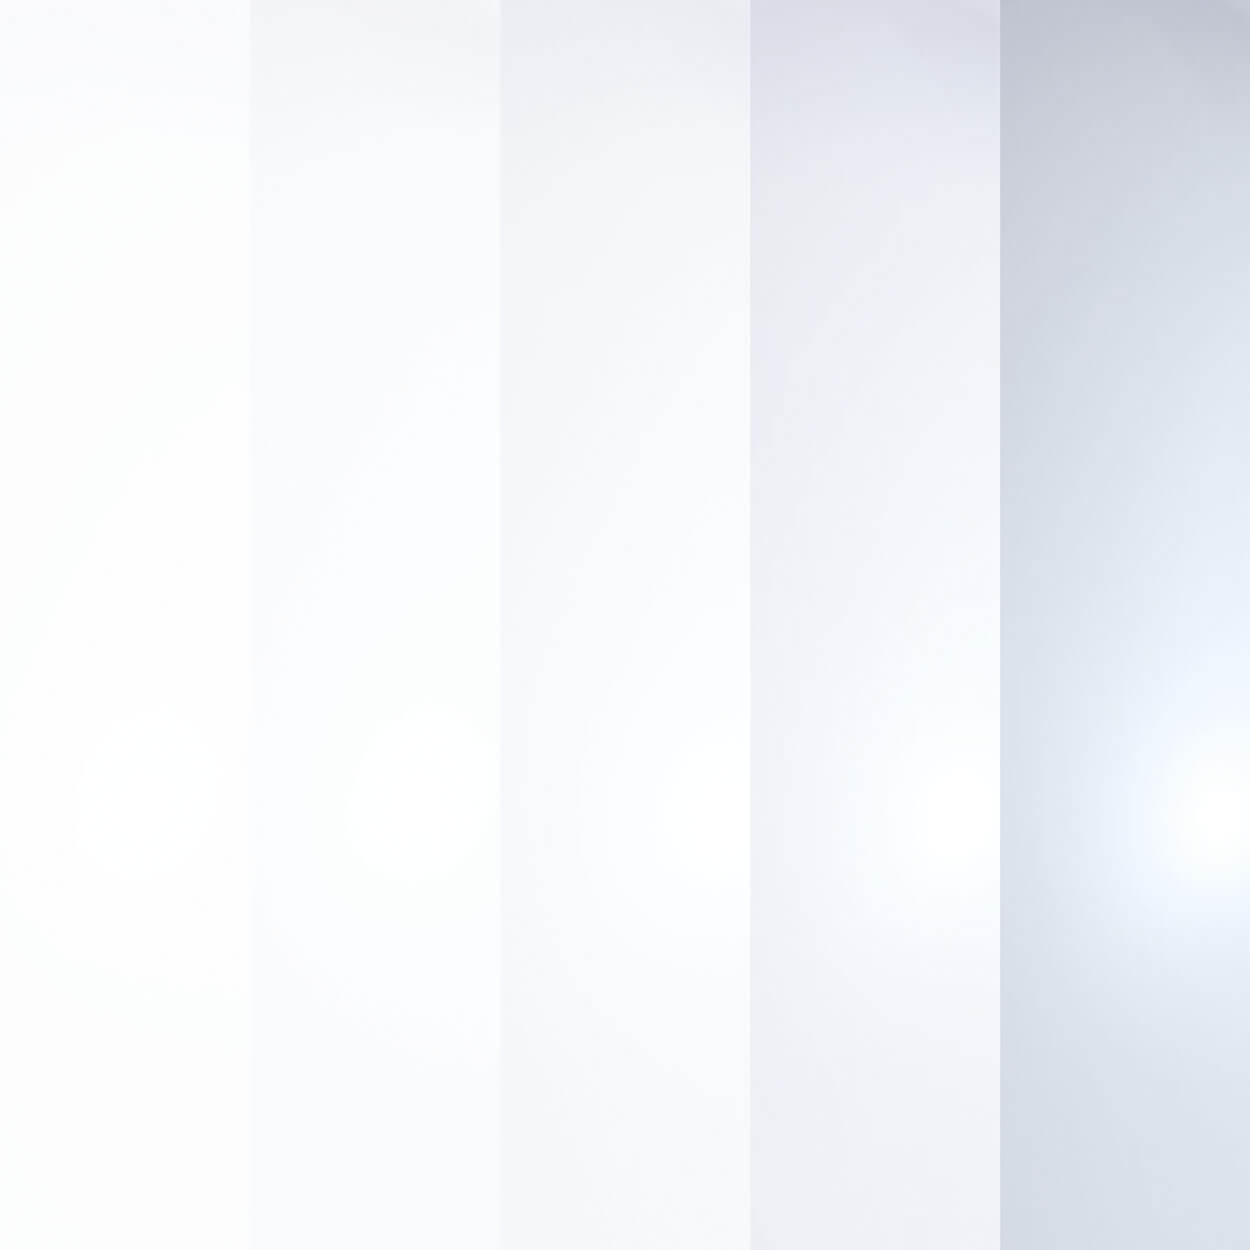 Steinel Außenleuchte L810 Bluetooth Wandleuchte anthrazit vernetzt LED Wandlampe